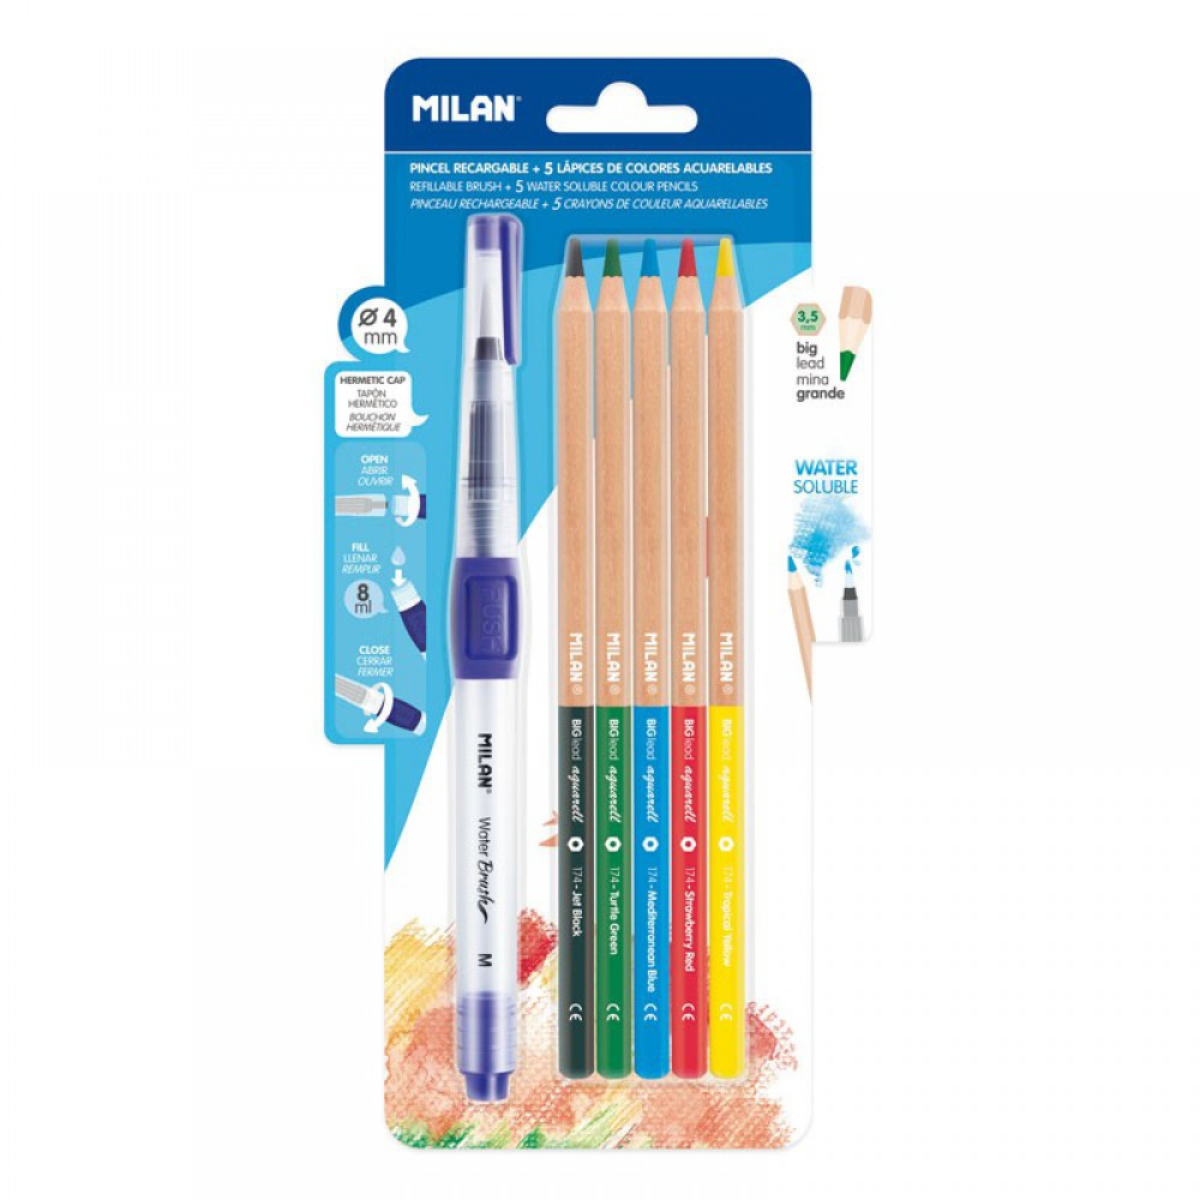 סט עפרונות צבעוניים עם מכחול מים Milan